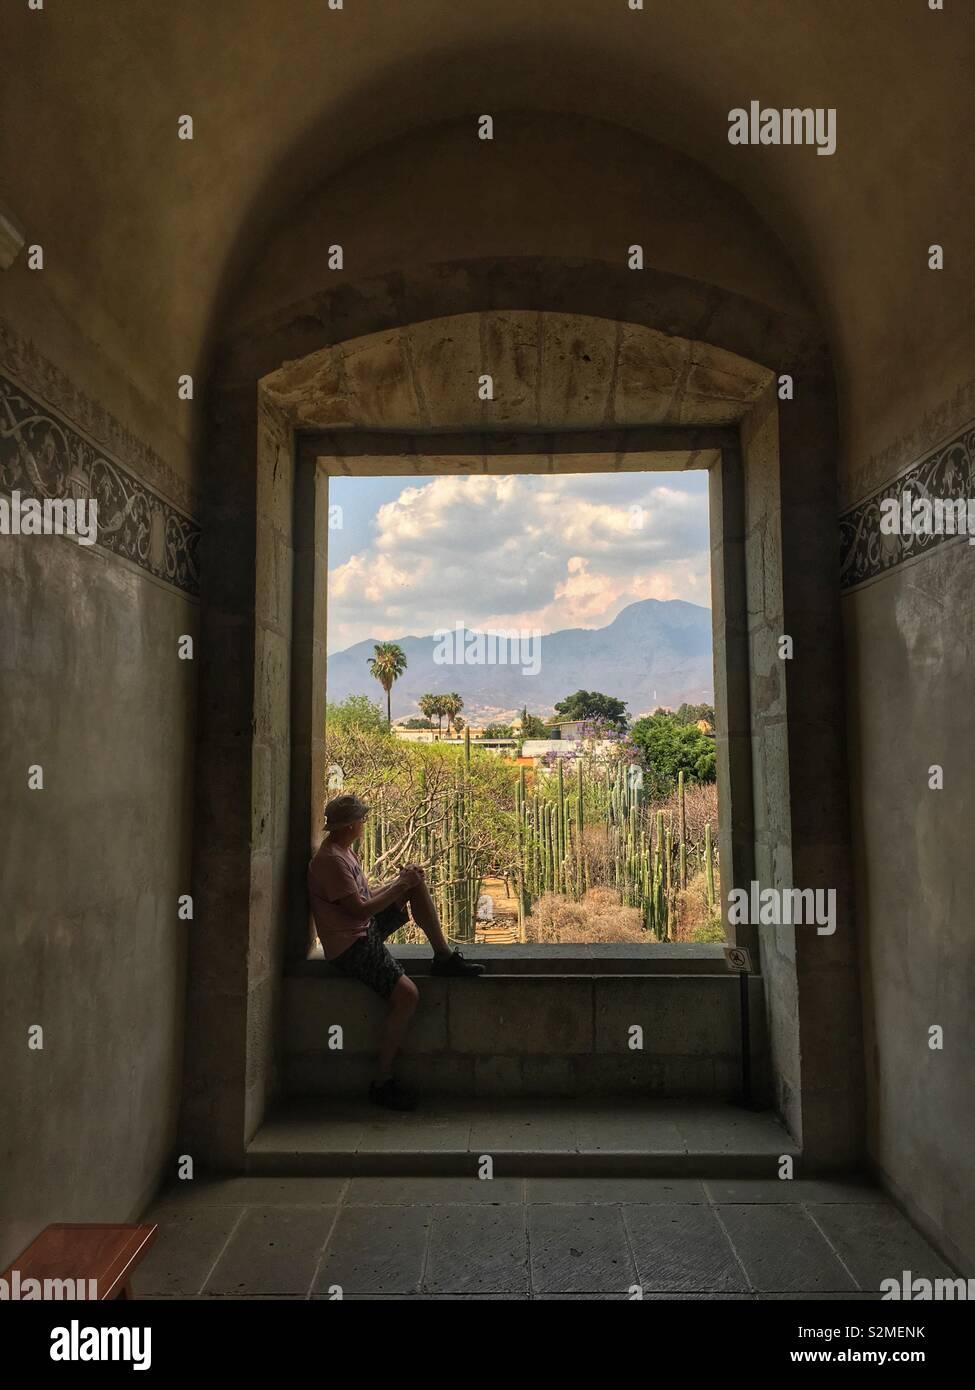 Man resting in fenêtre donnant sur jardins de Musée des Cultures de Oaxaca, Santo Domingo, la Ville d'Oaxaca, Oaxaca, Mexique Photo Stock